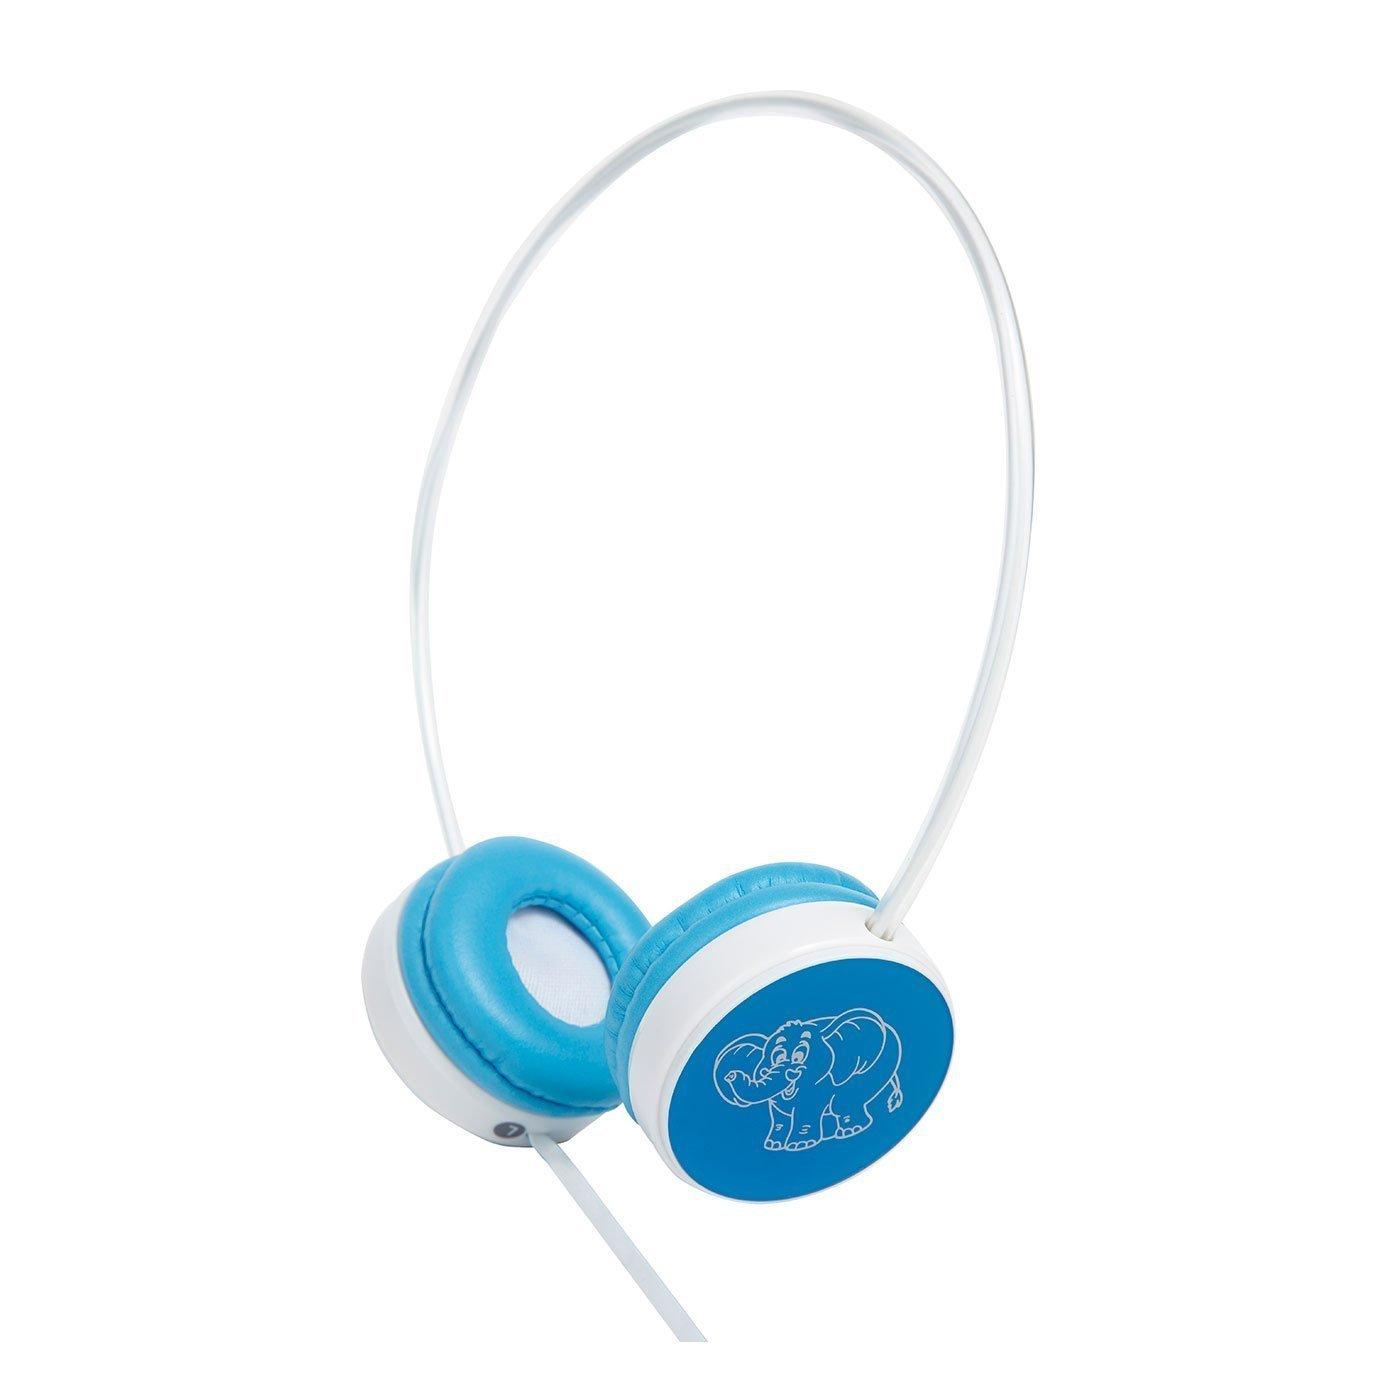 Groov-e Kids Children's Toy Playtime Noise Limited Blue Over Ear Earphones